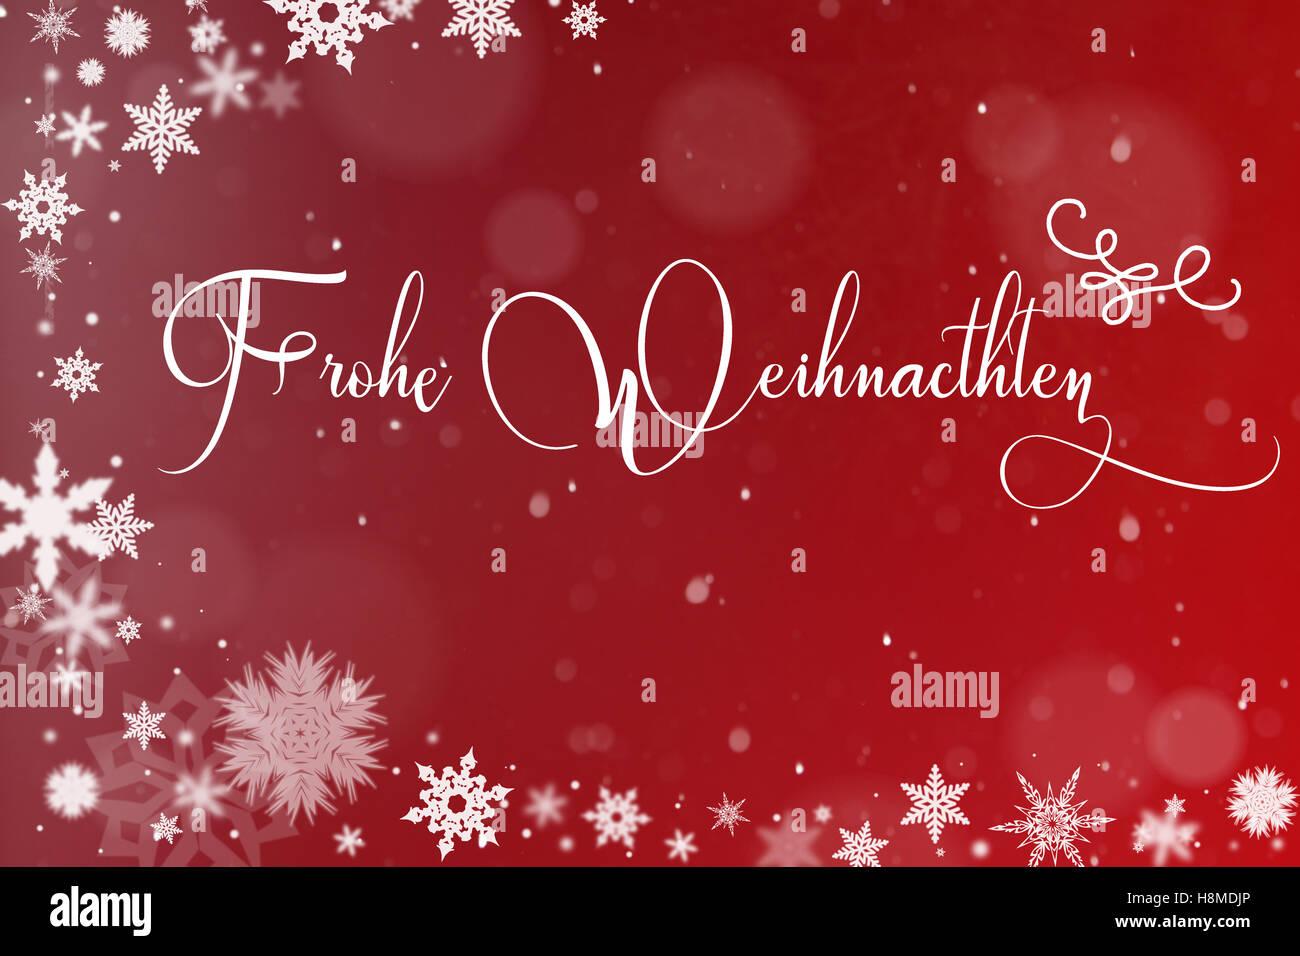 Frasi Di Natale In Tedesco.Scheda Di Natale Con La Neve E La Frase Tedesca Frohe Weihnachten Buon Natale Foto Stock Alamy